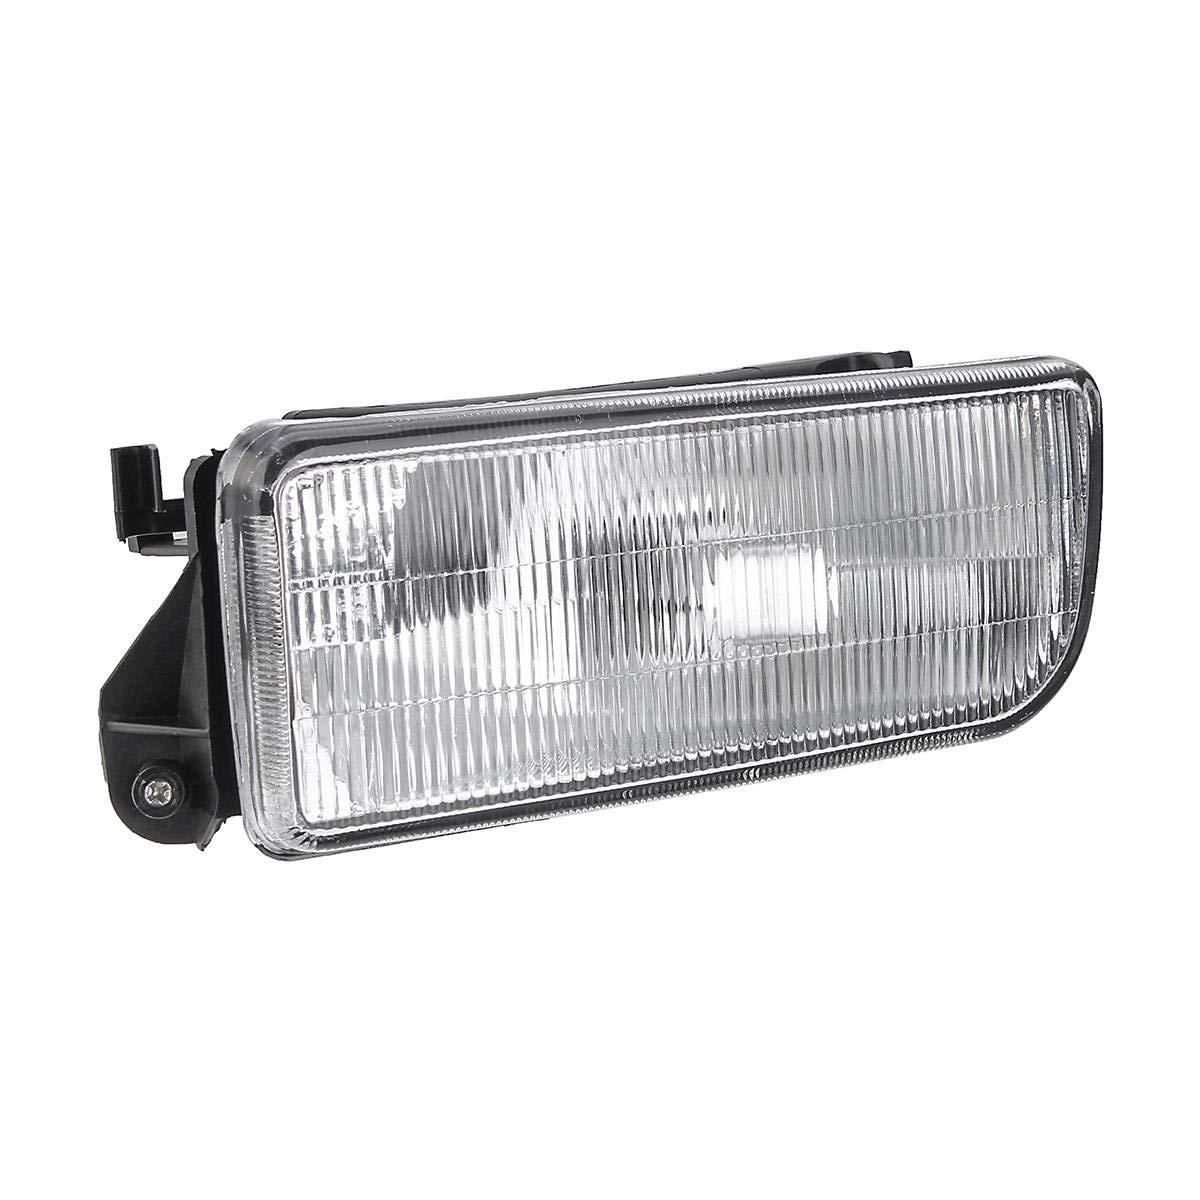 CUHAWUDBA Car Lentille De Lampe De Brouillard De Pare-Chocs Avant pour E36 1992 1993 1994 1995-1998 H1 sans Ampoule